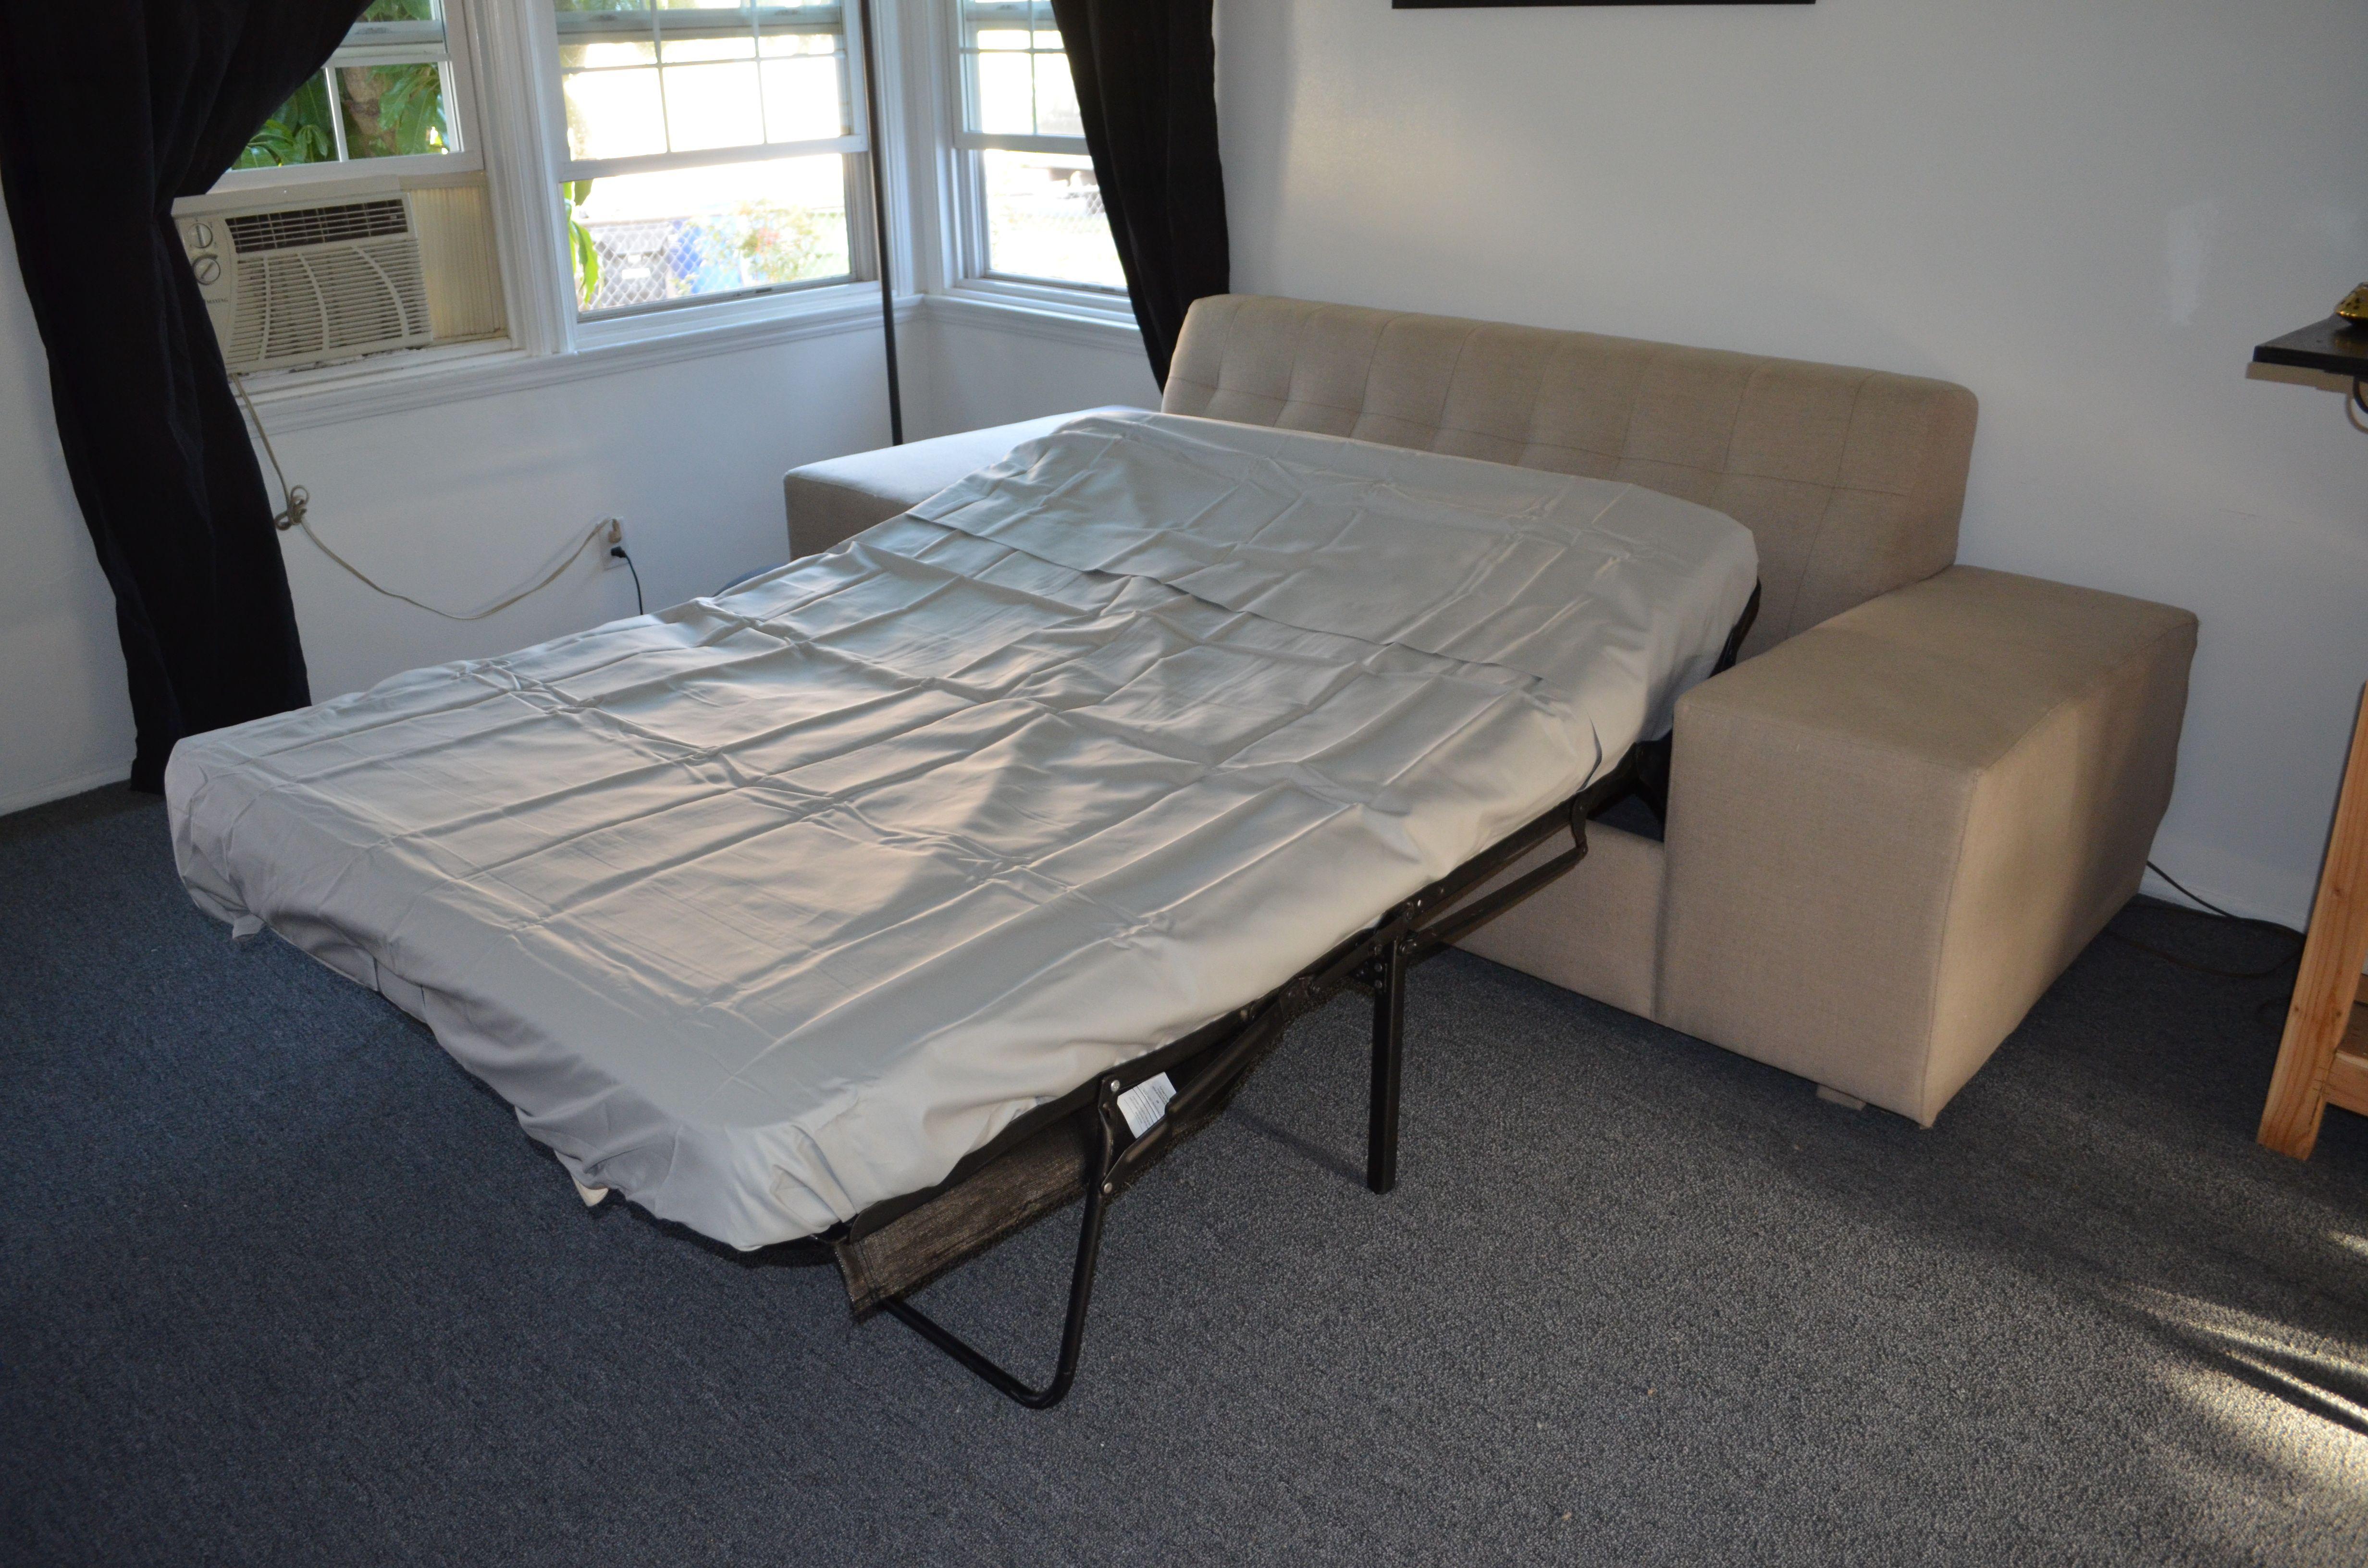 Custom Designed Tufted Sleeper Sofa.